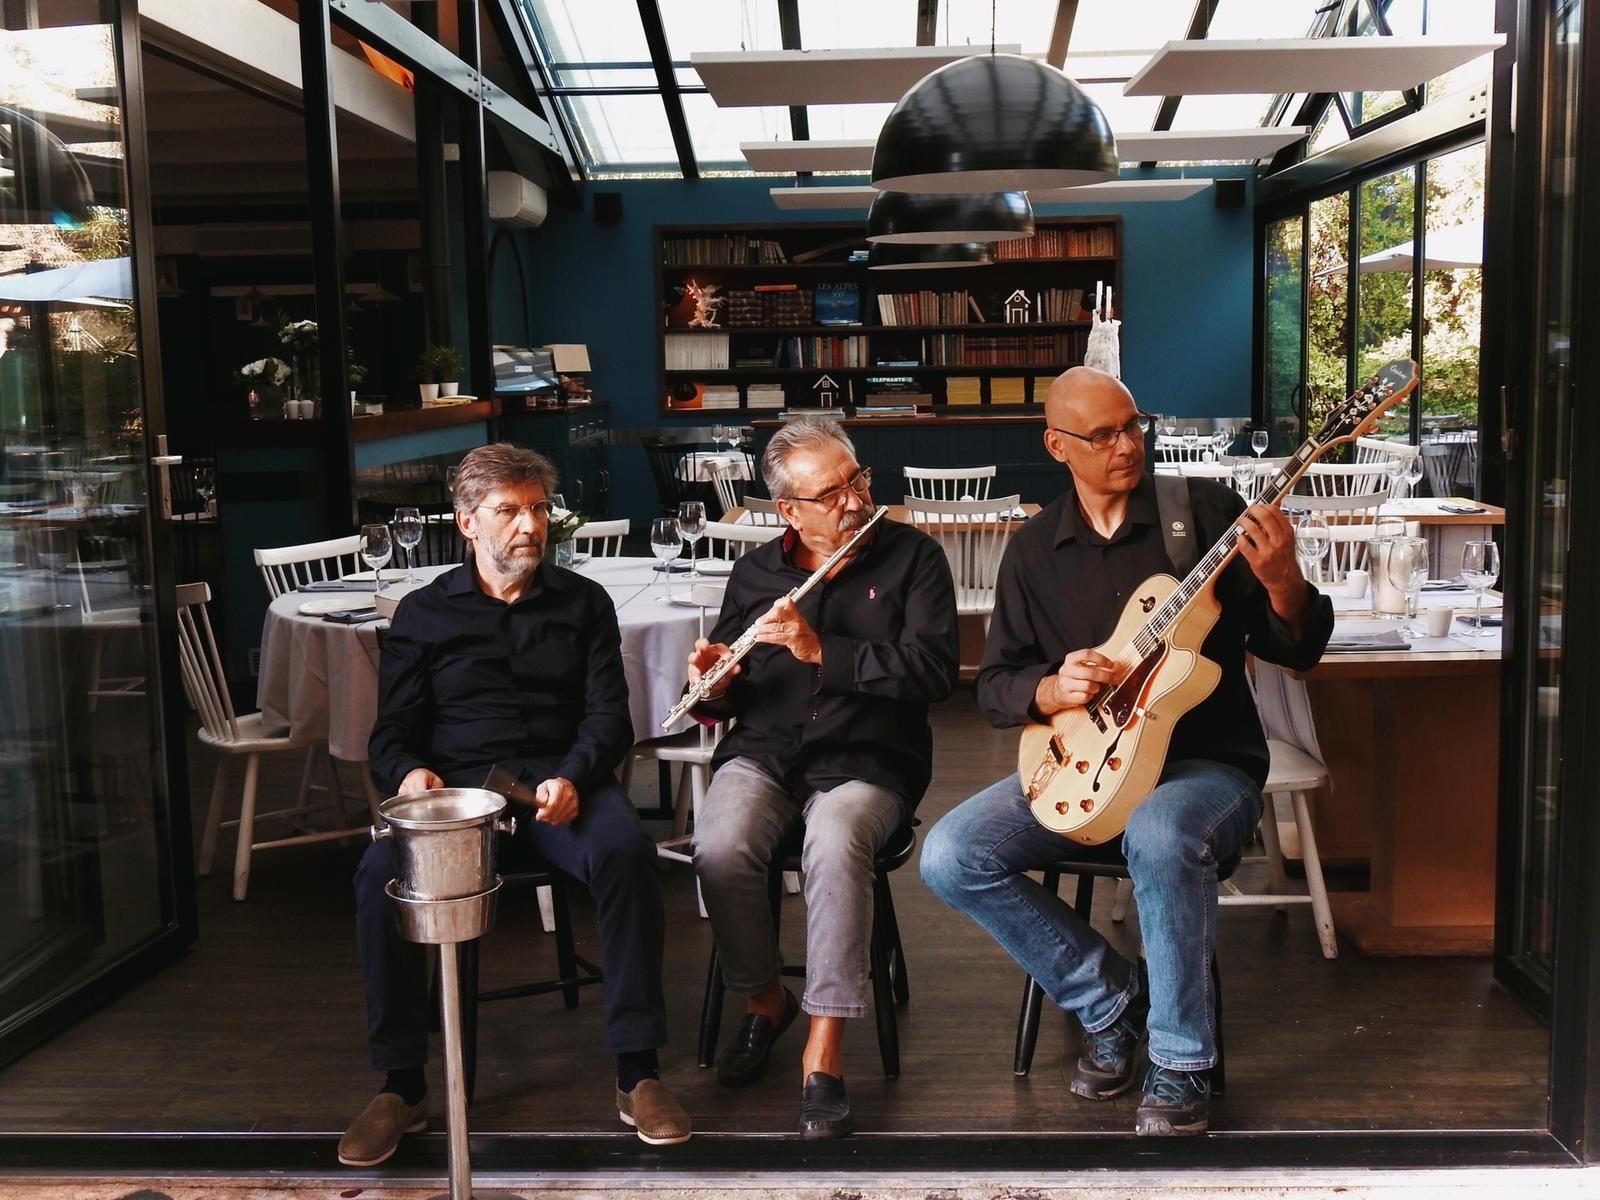 El restaurante sueco, Cabaña Marconi, inaugura su programa de jazz amenizando las comidas de los viernes